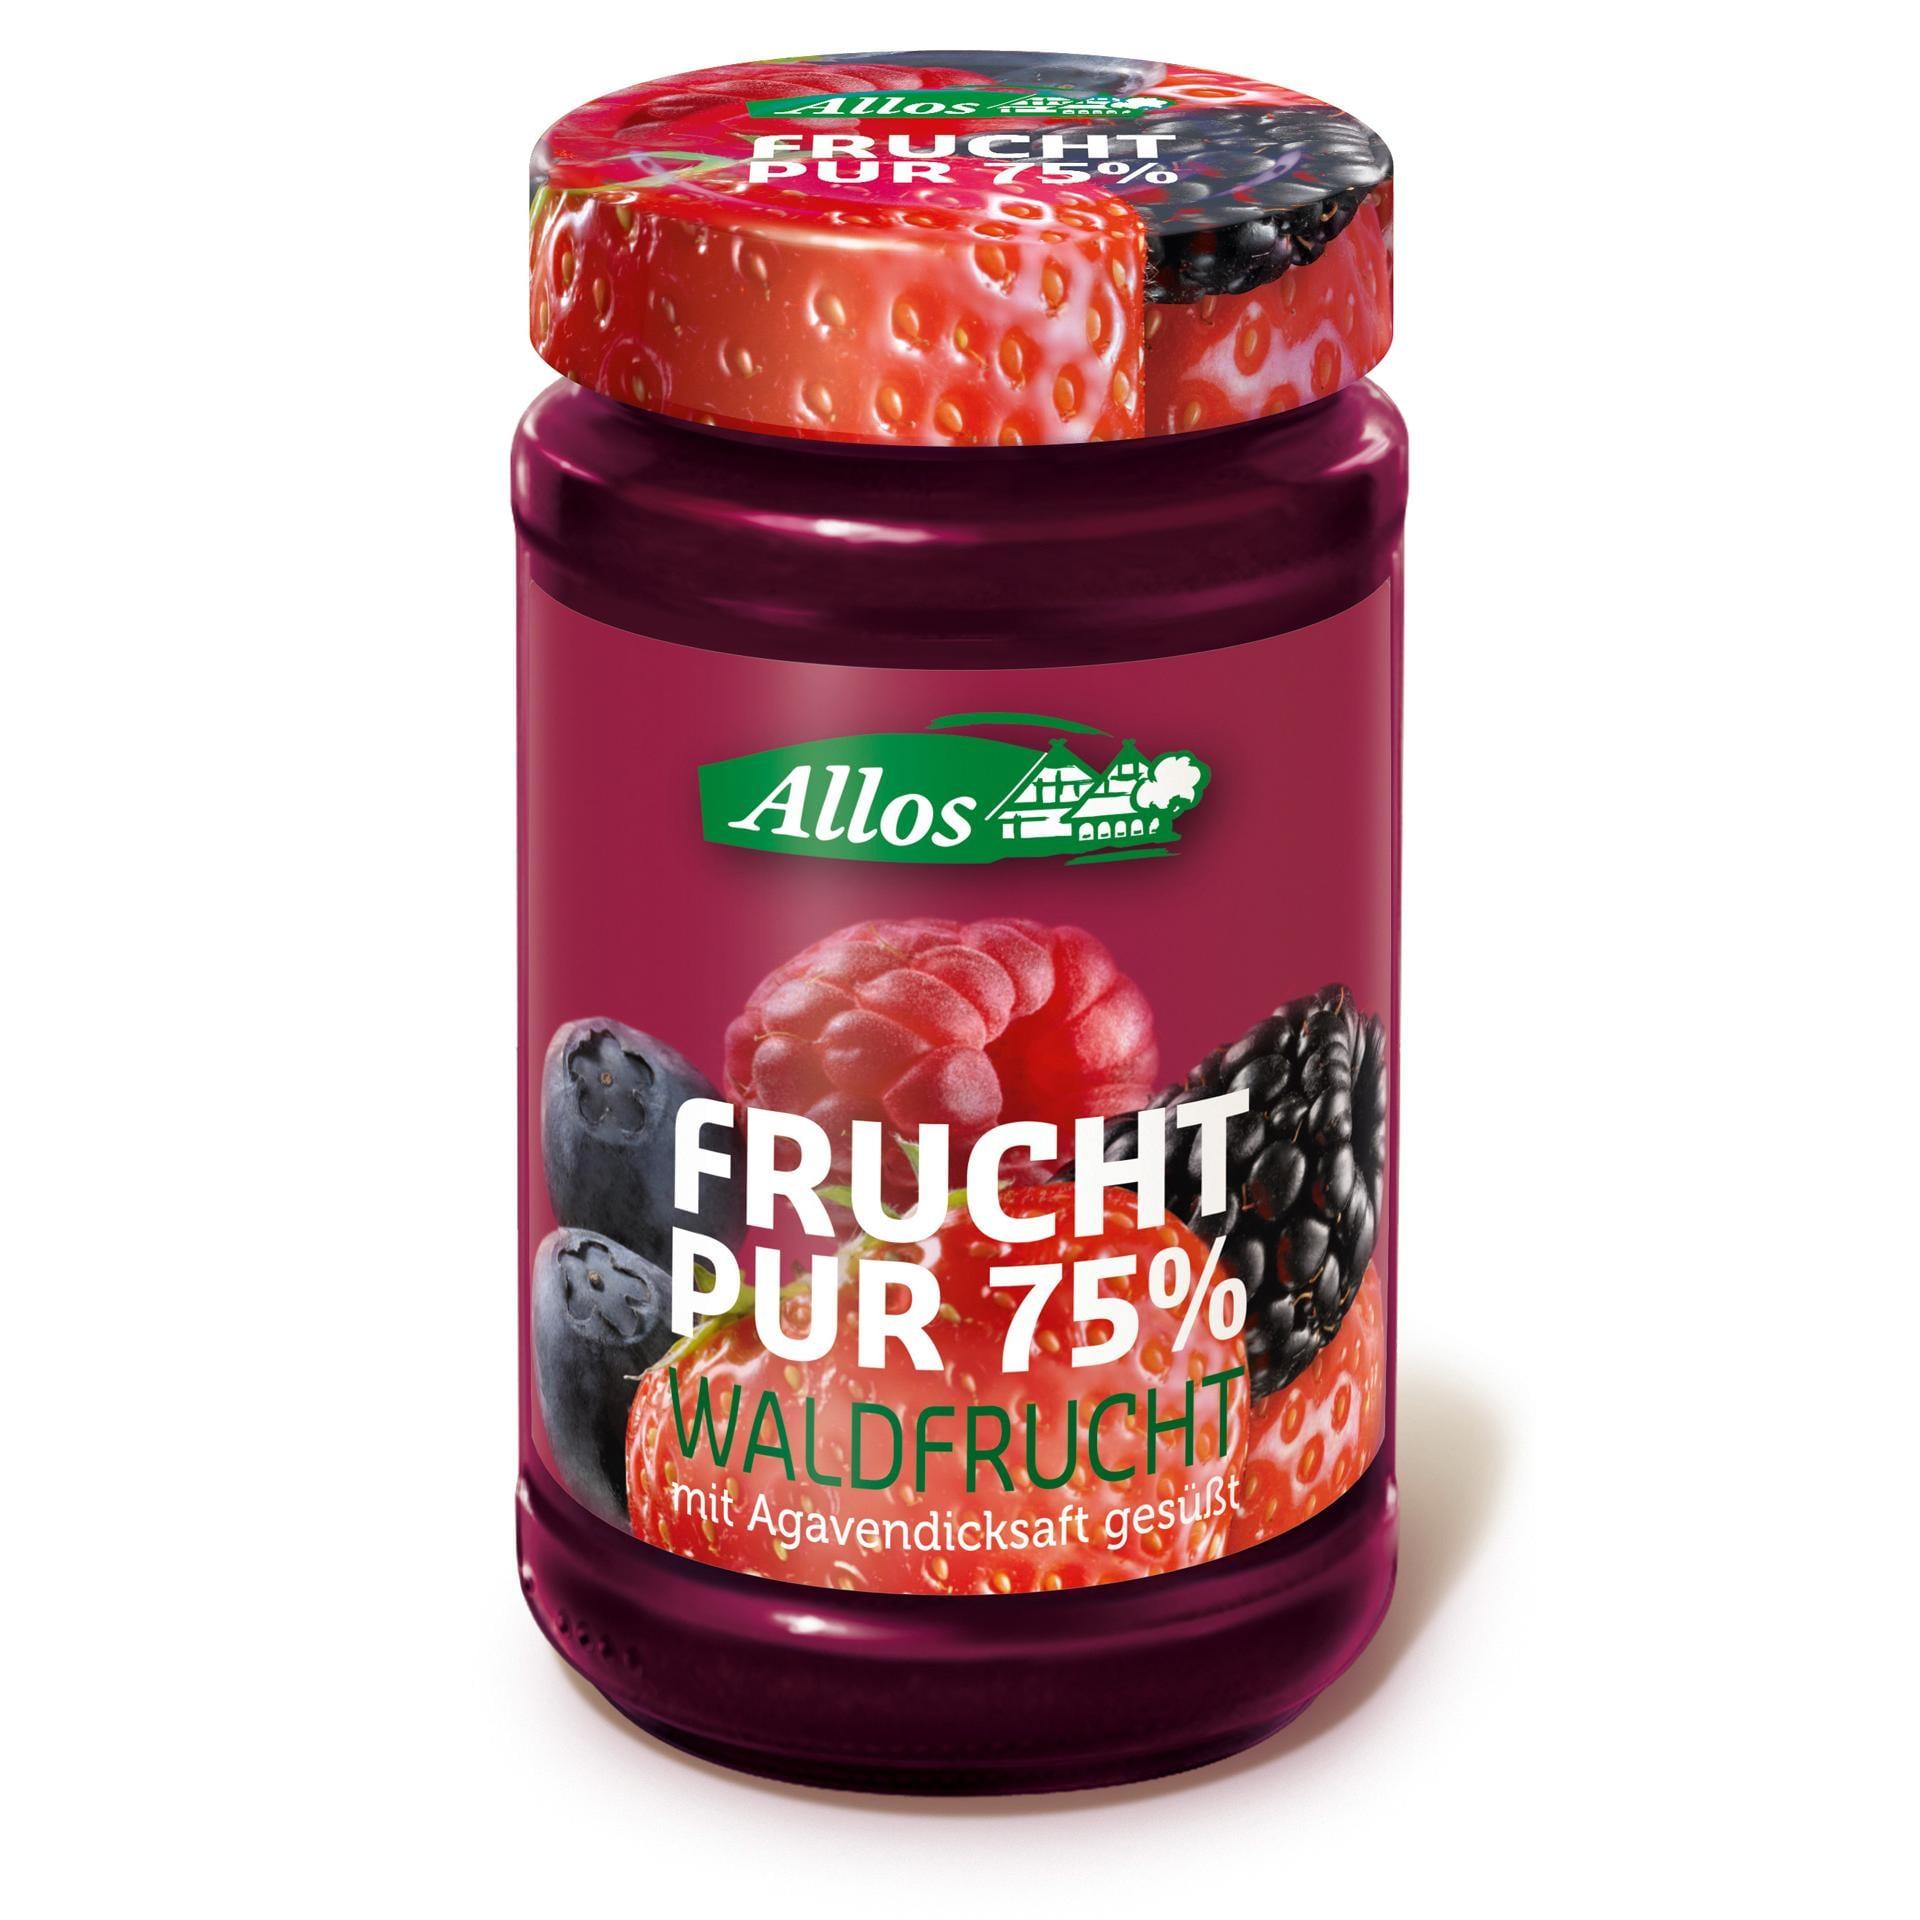 Allos Bio Frucht Pur 75% Waldfrucht Fruchtaufstrich 250g